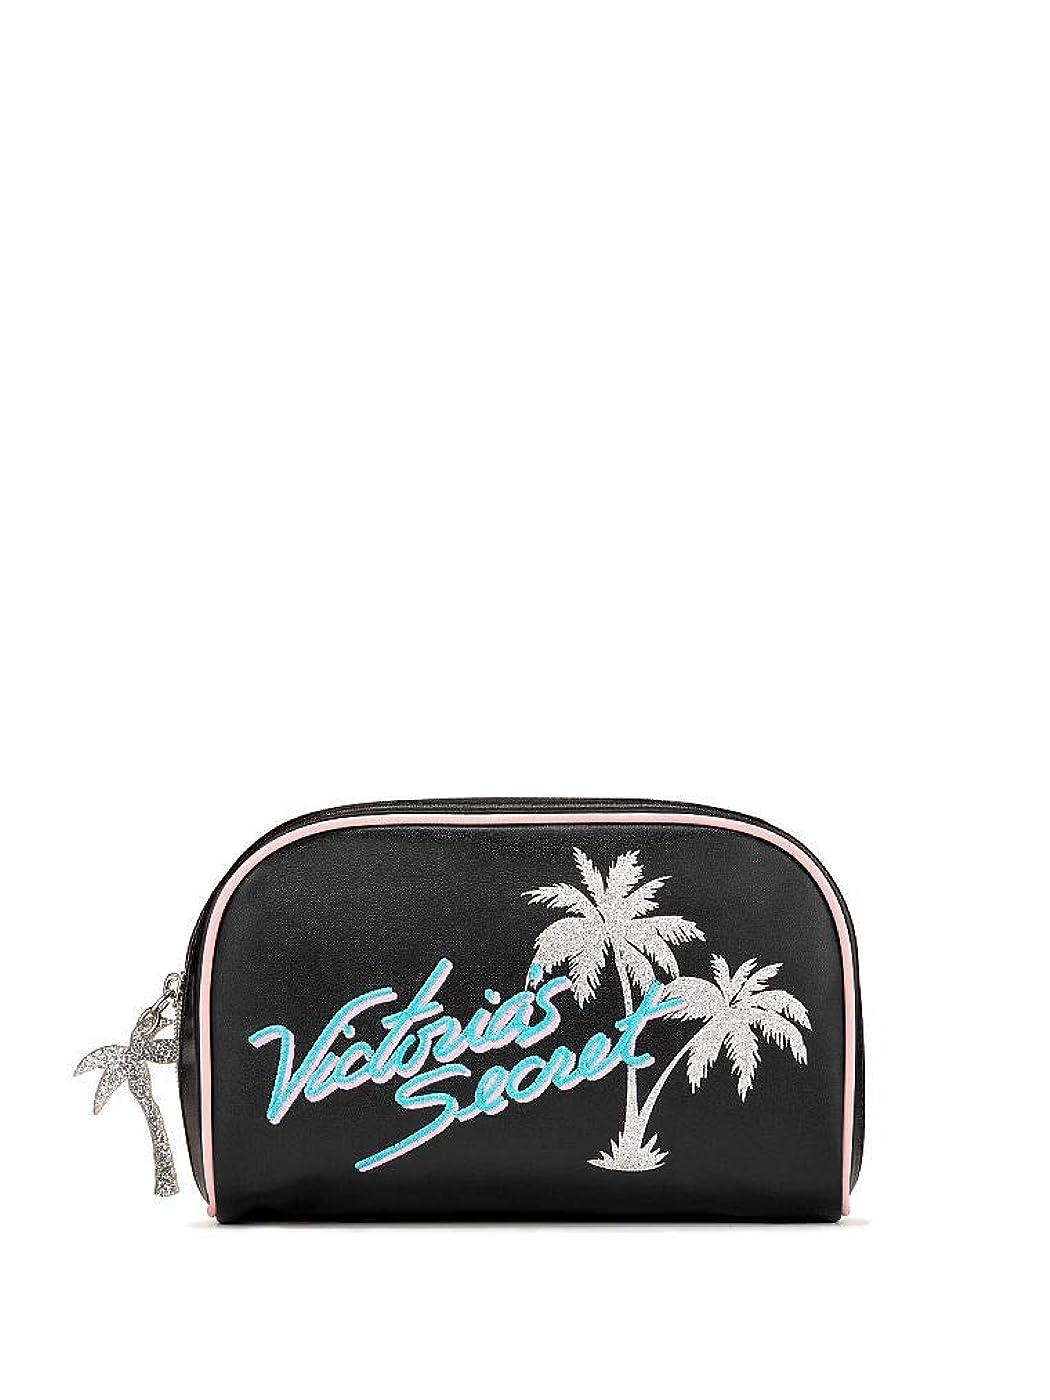 プレビスサイトホイッスル厳密に【 メイクアップバッグ 】 VICTORIA'S SECRET ヴィクトリアシークレット/ビクトリアシークレット ティーズグラムバッグ/Graphic Tease Glam Bag [並行輸入品]